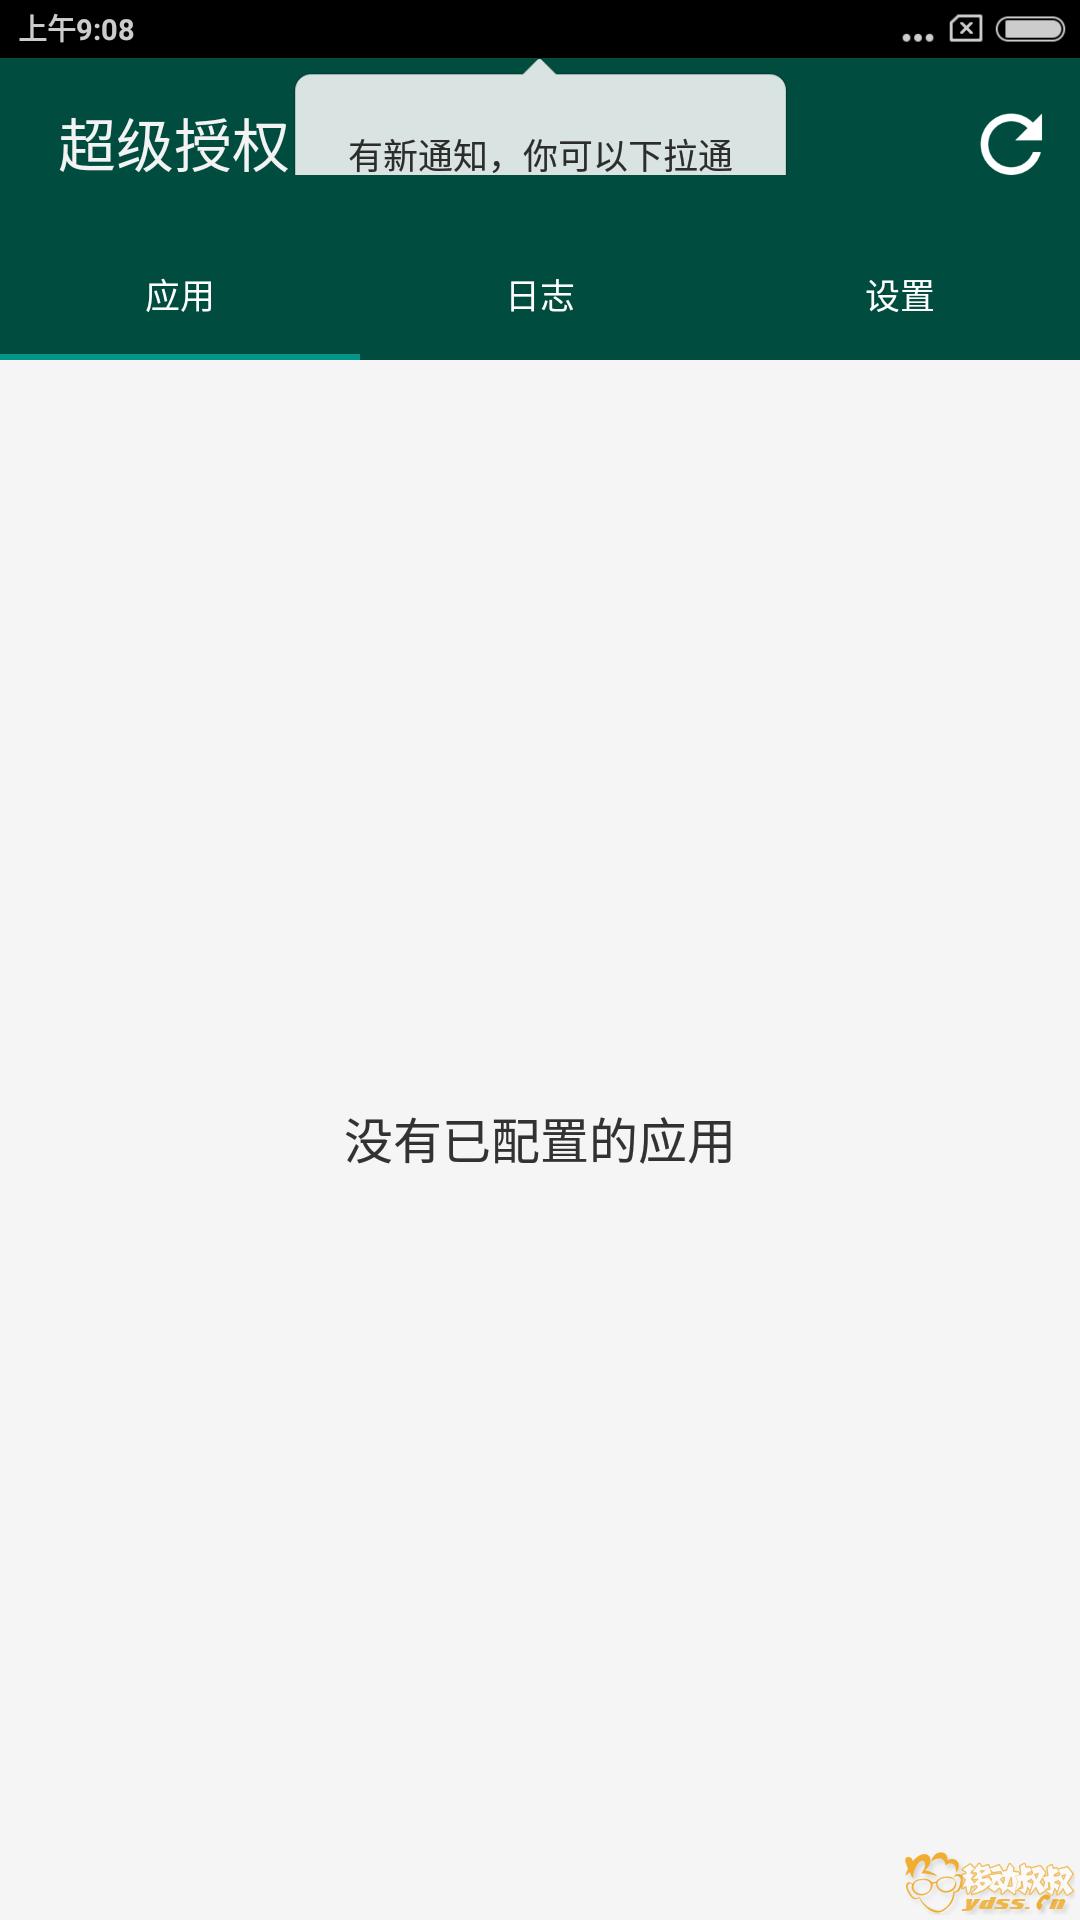 Screenshot_2018-05-31-09-08-52-541_eu.chianfire.supersu.png